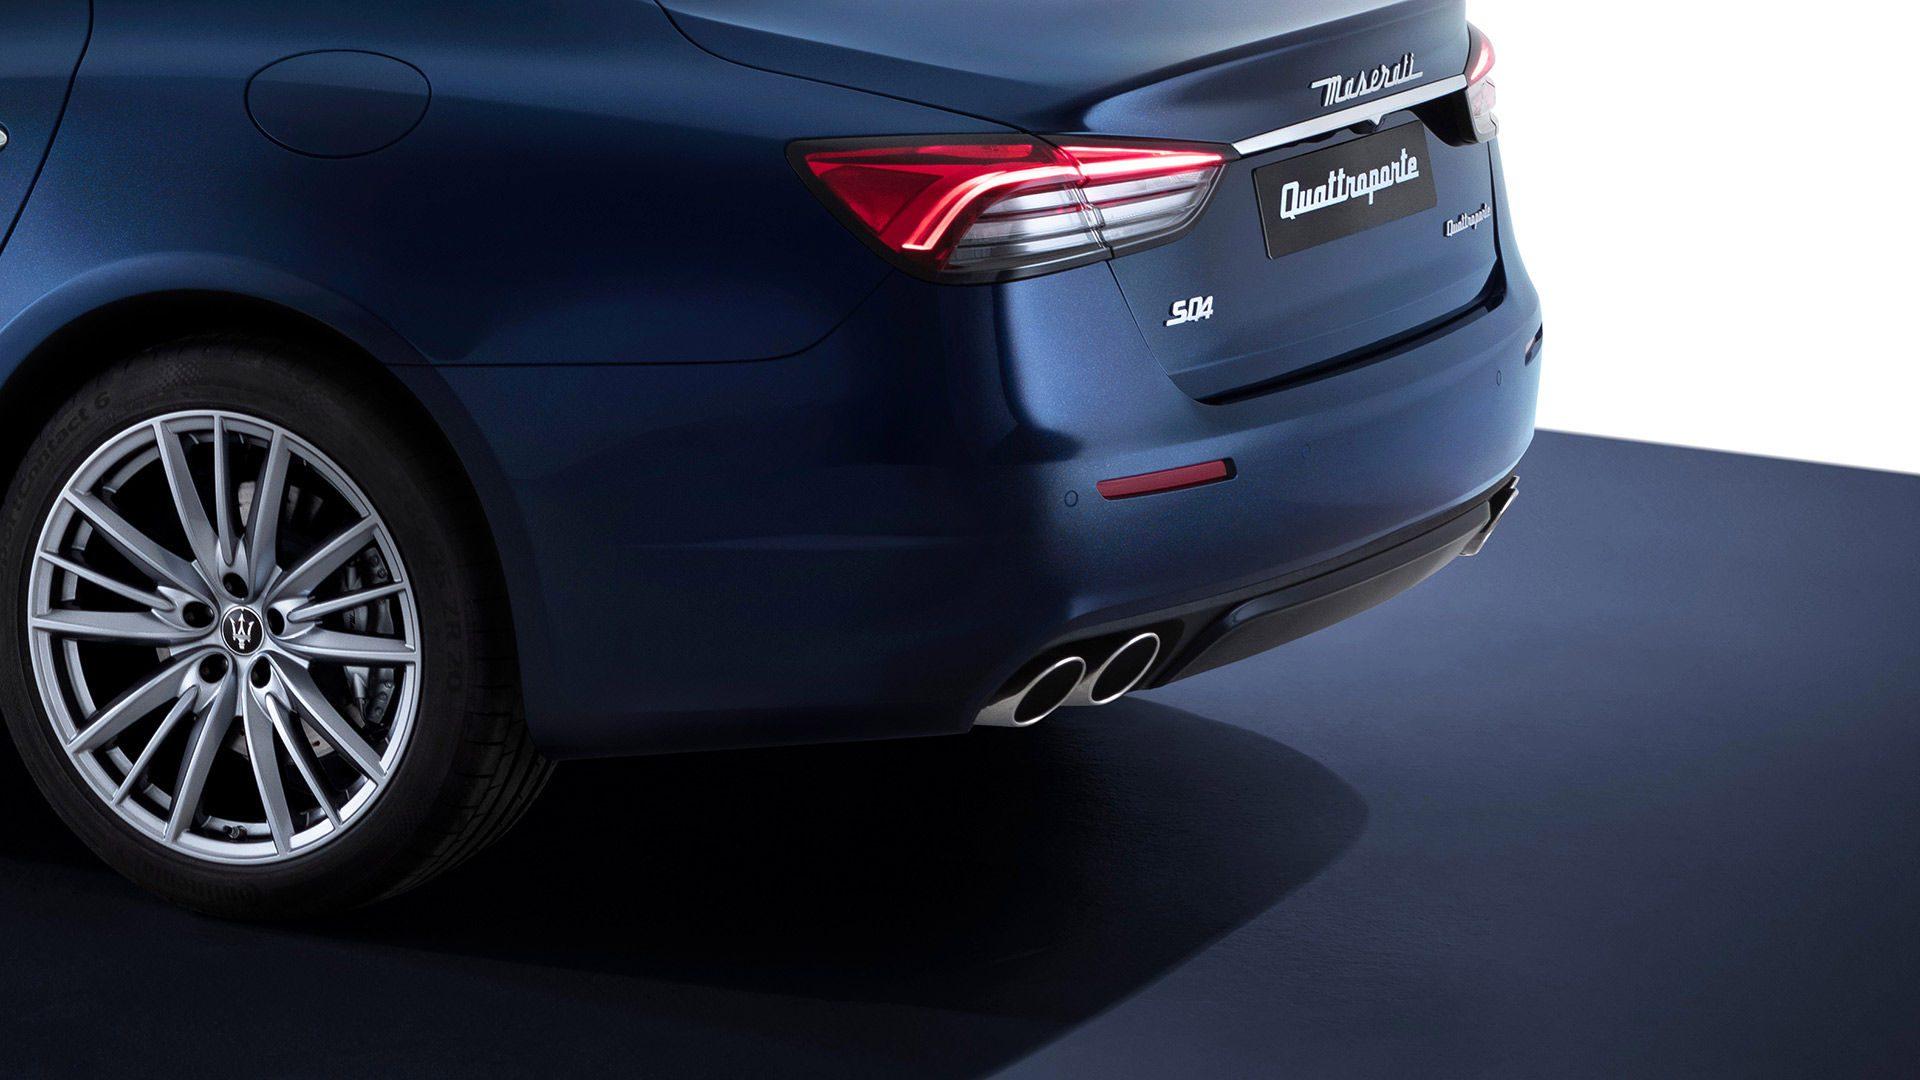 Niets kan tippen aan het 'lied' van de Maserati-motor.